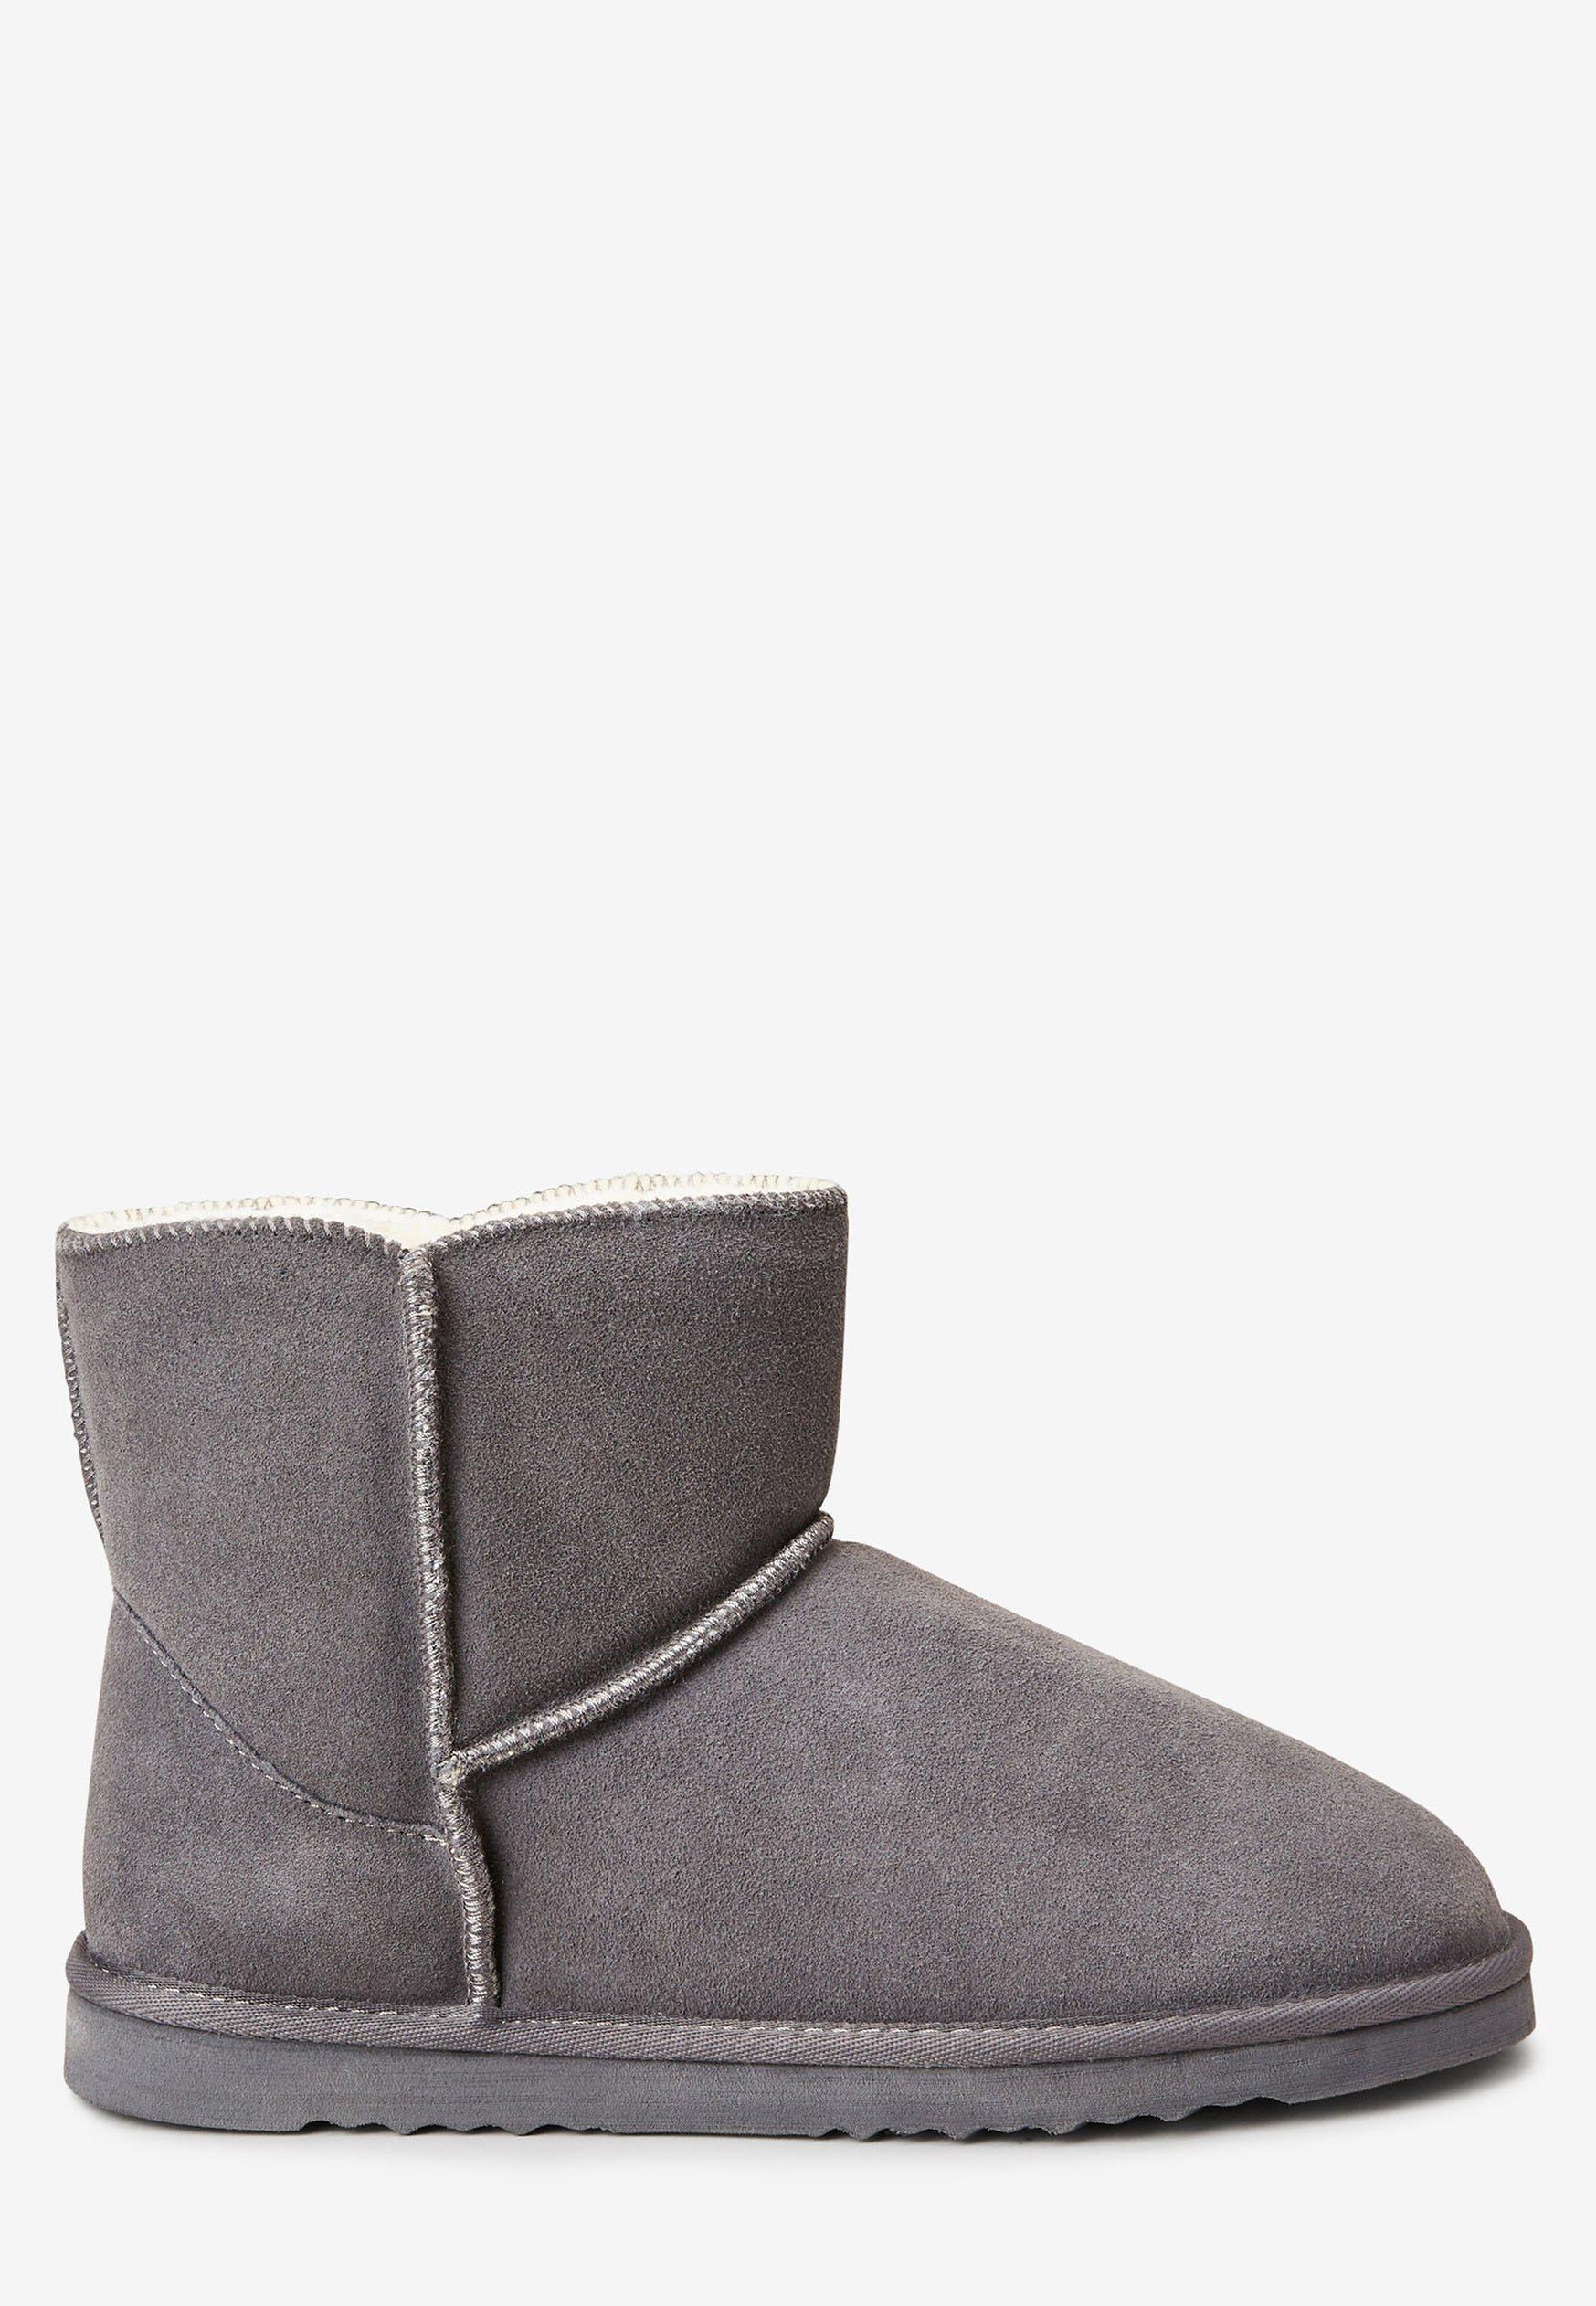 Next CHESTNUT SUEDE SLIPPER BOOTS Stiefelette grey/grau